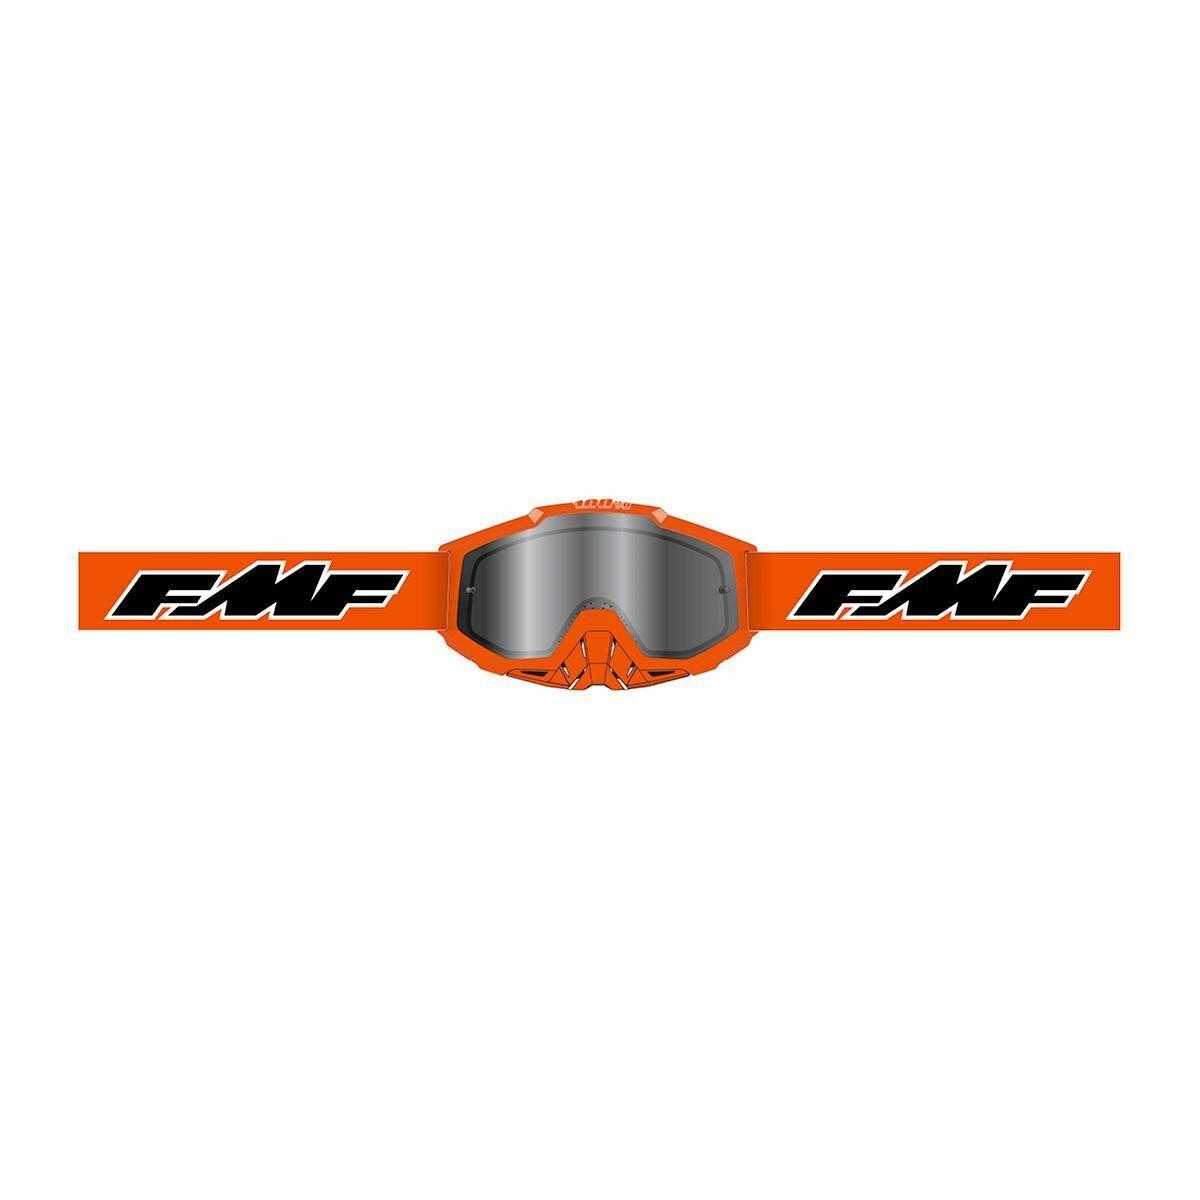 FMF Powerbomb Rocket Gyerek MX Szemüveg (Narancs-Ezüst tükrös)